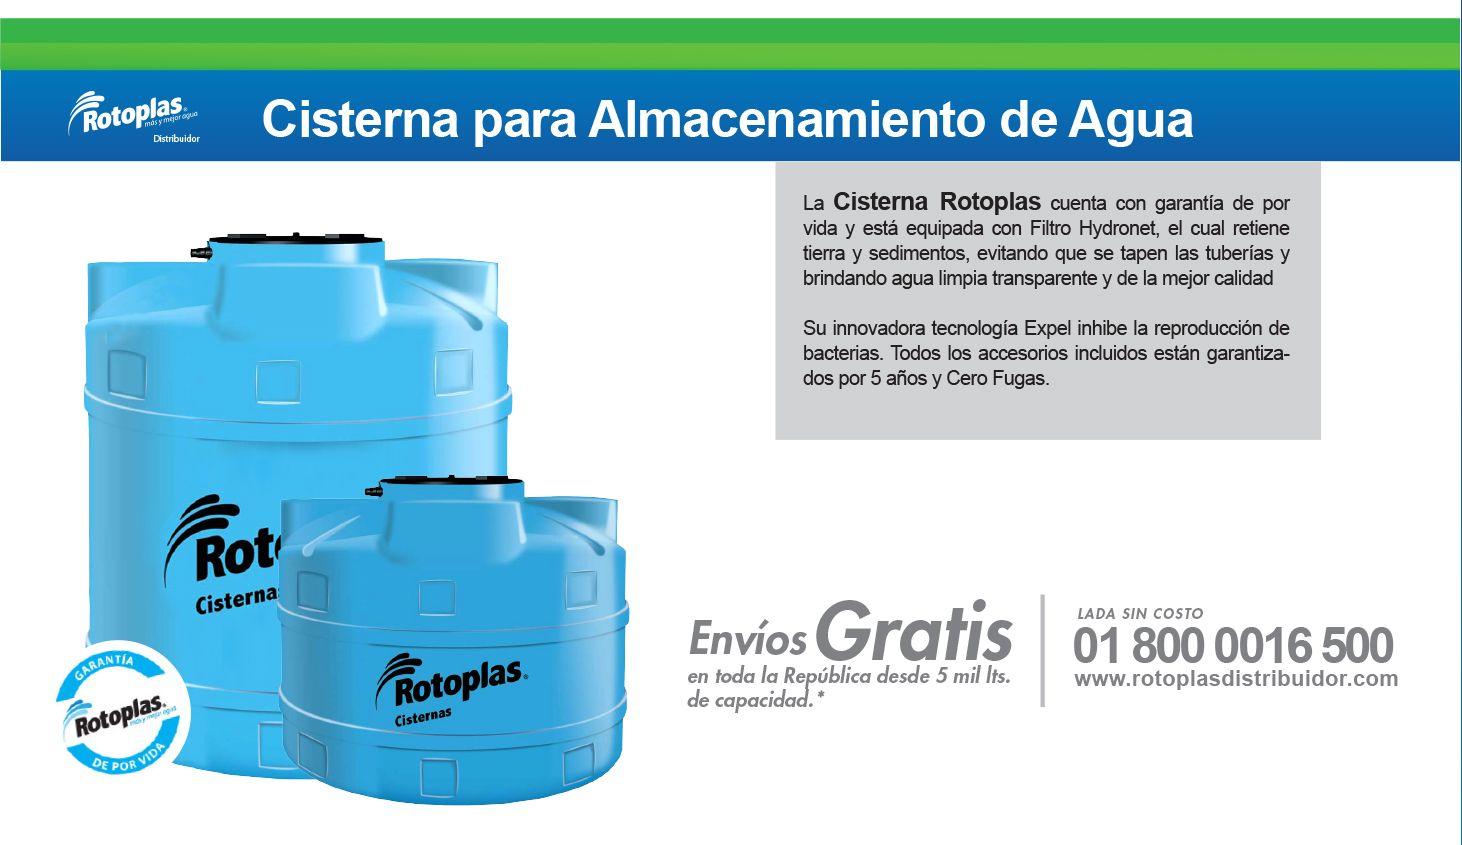 Cisternas Rotoplas Tanques Rotoplas Cisternas Agua